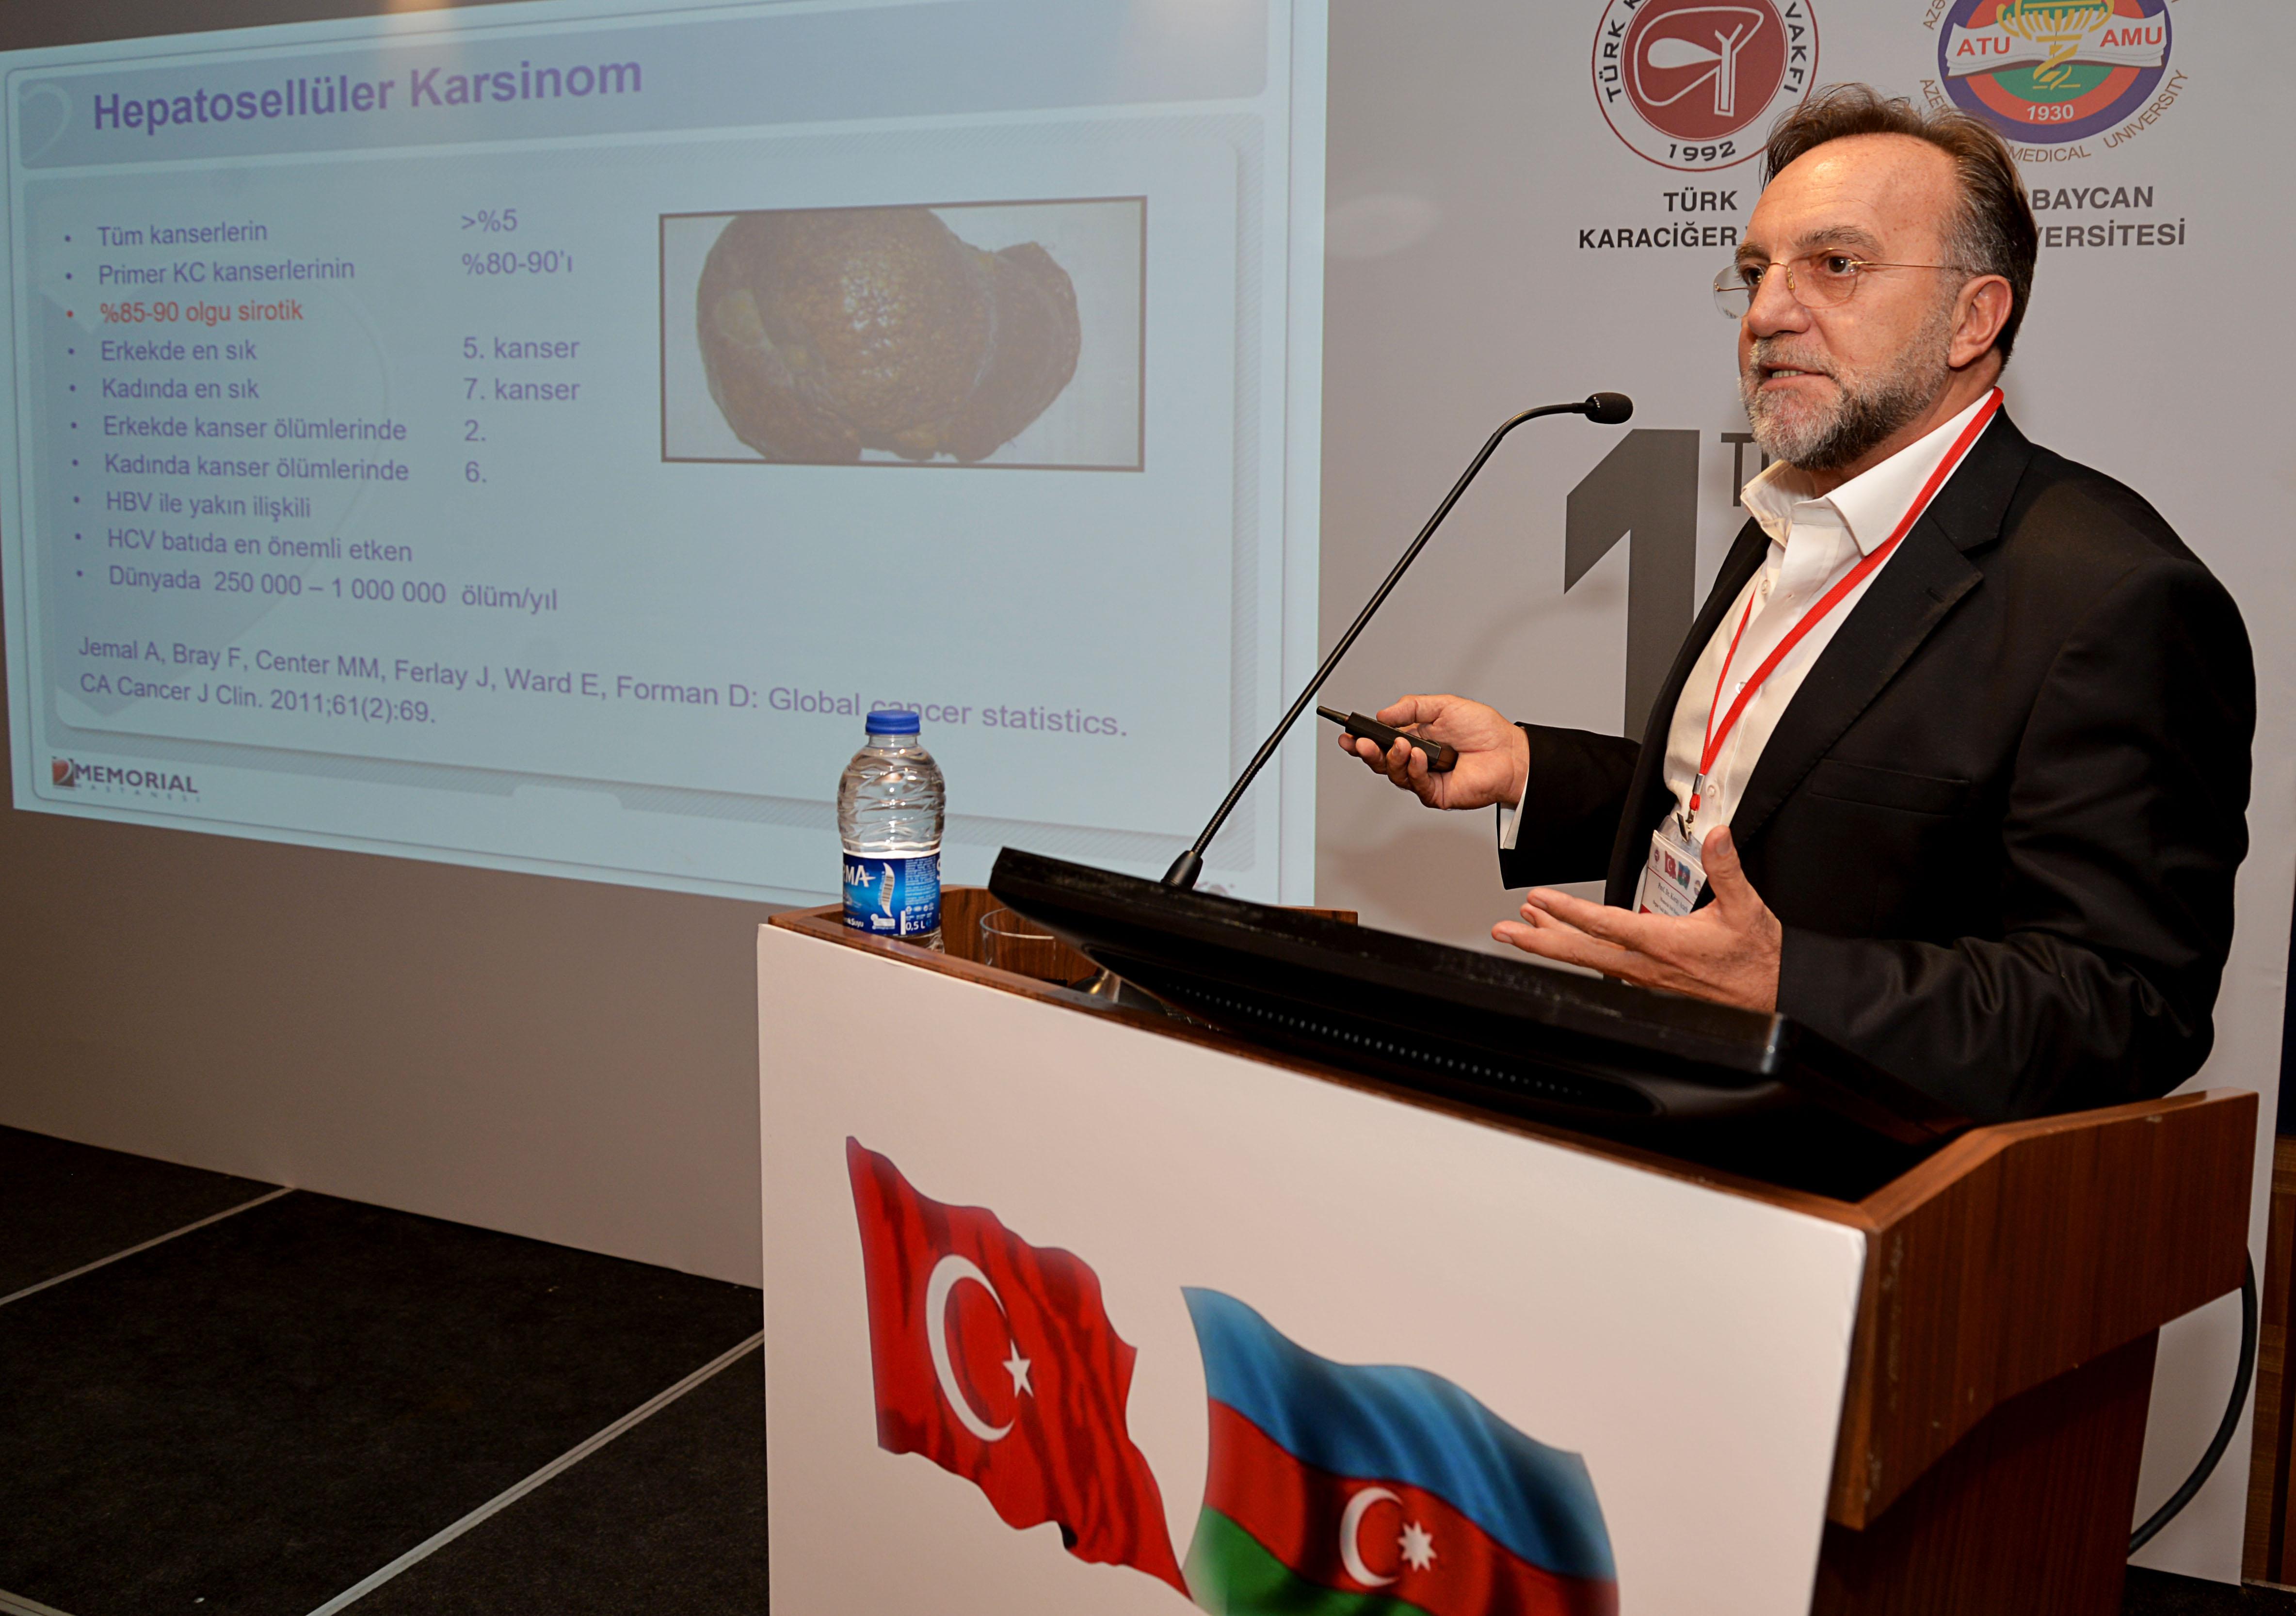 Türkiyede 3.5 Milyon Hepatit B Taşıyıcısı Var